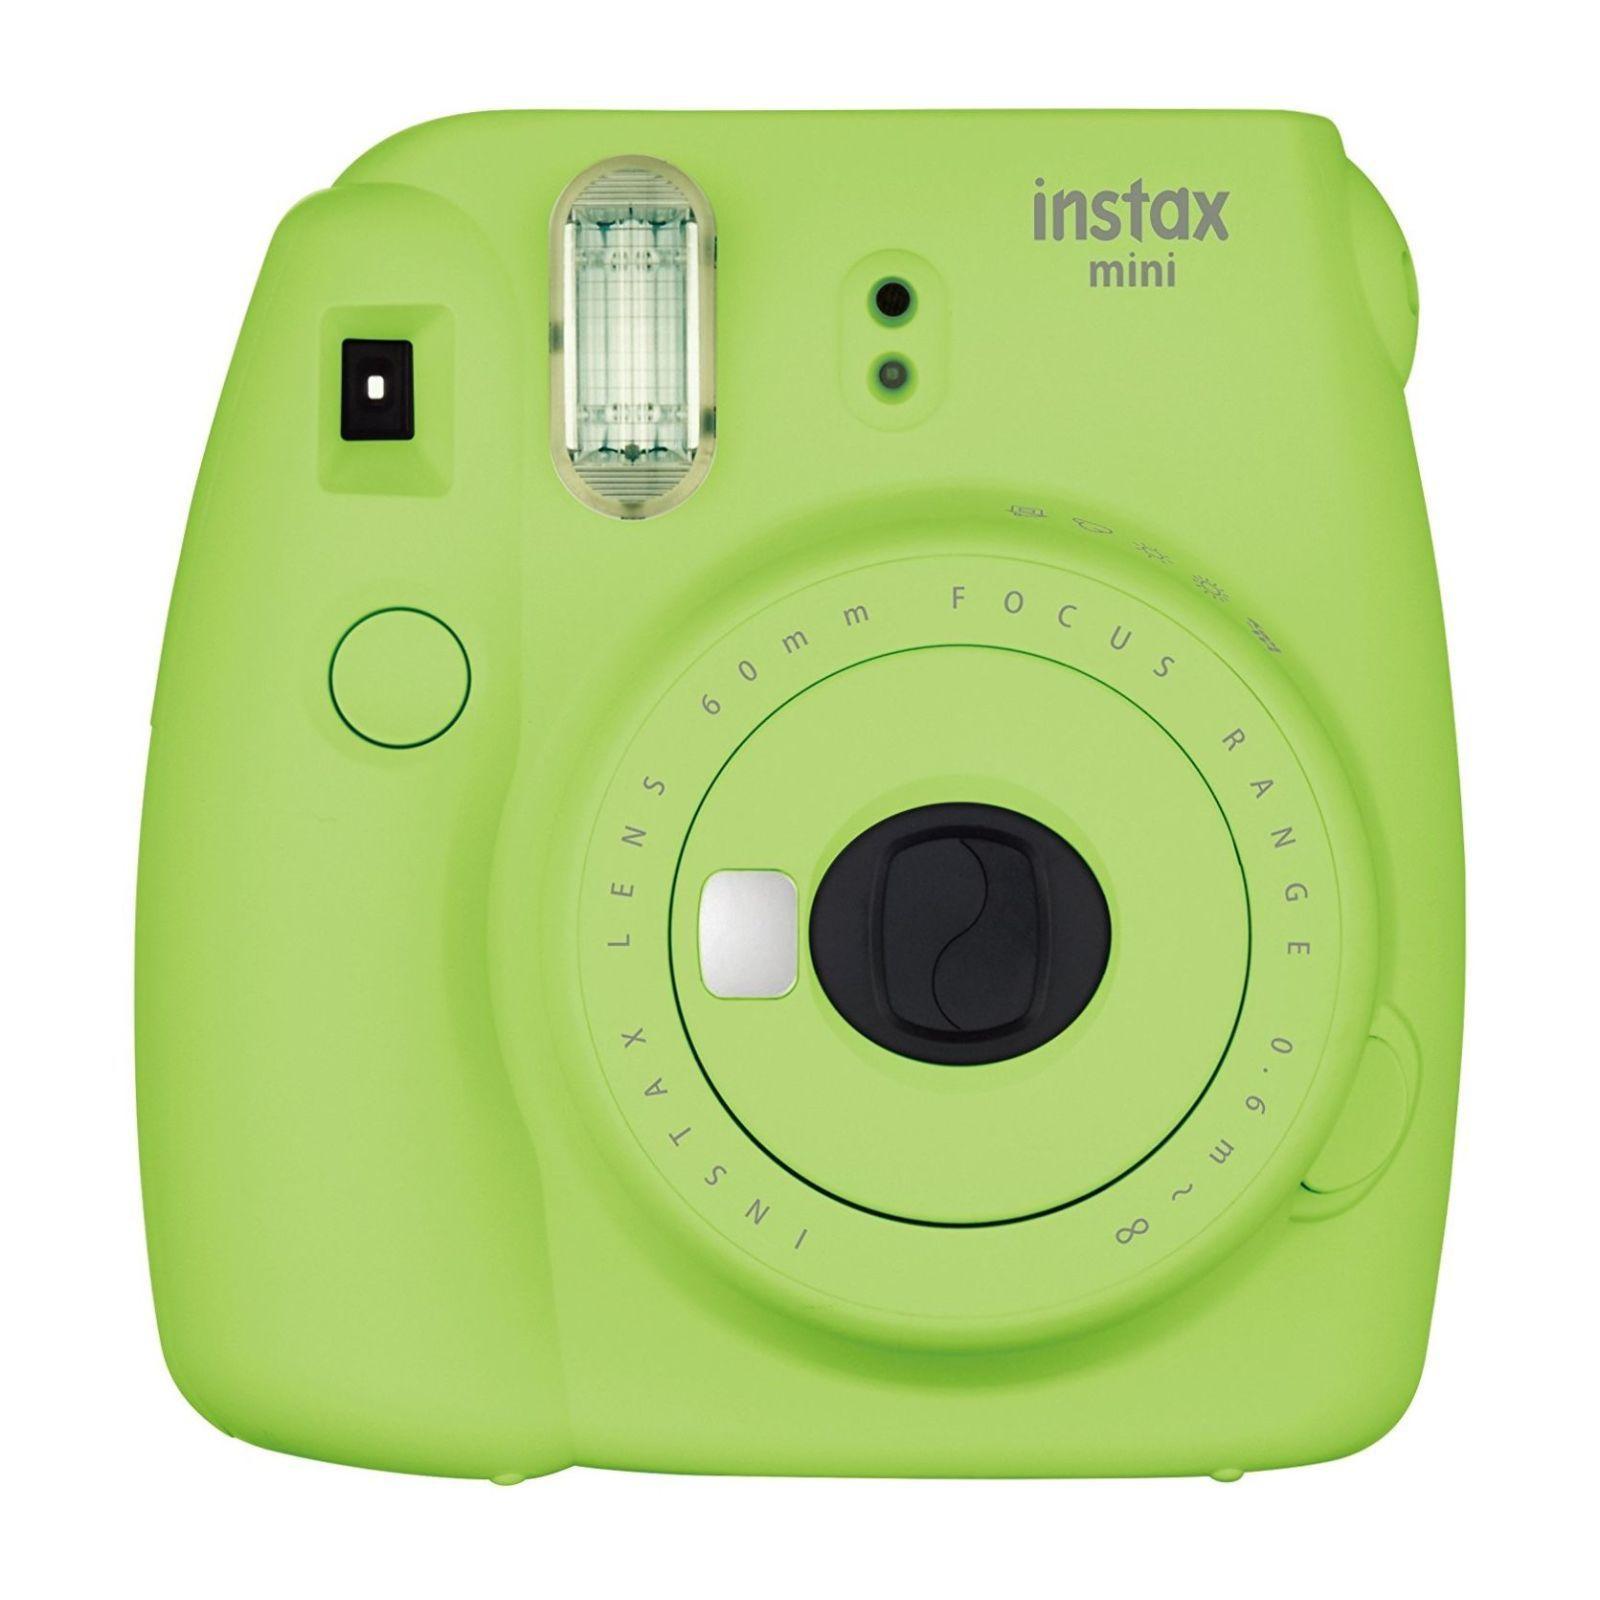 fotocamere con stampa istantanea -Fujifilm instax mini 9